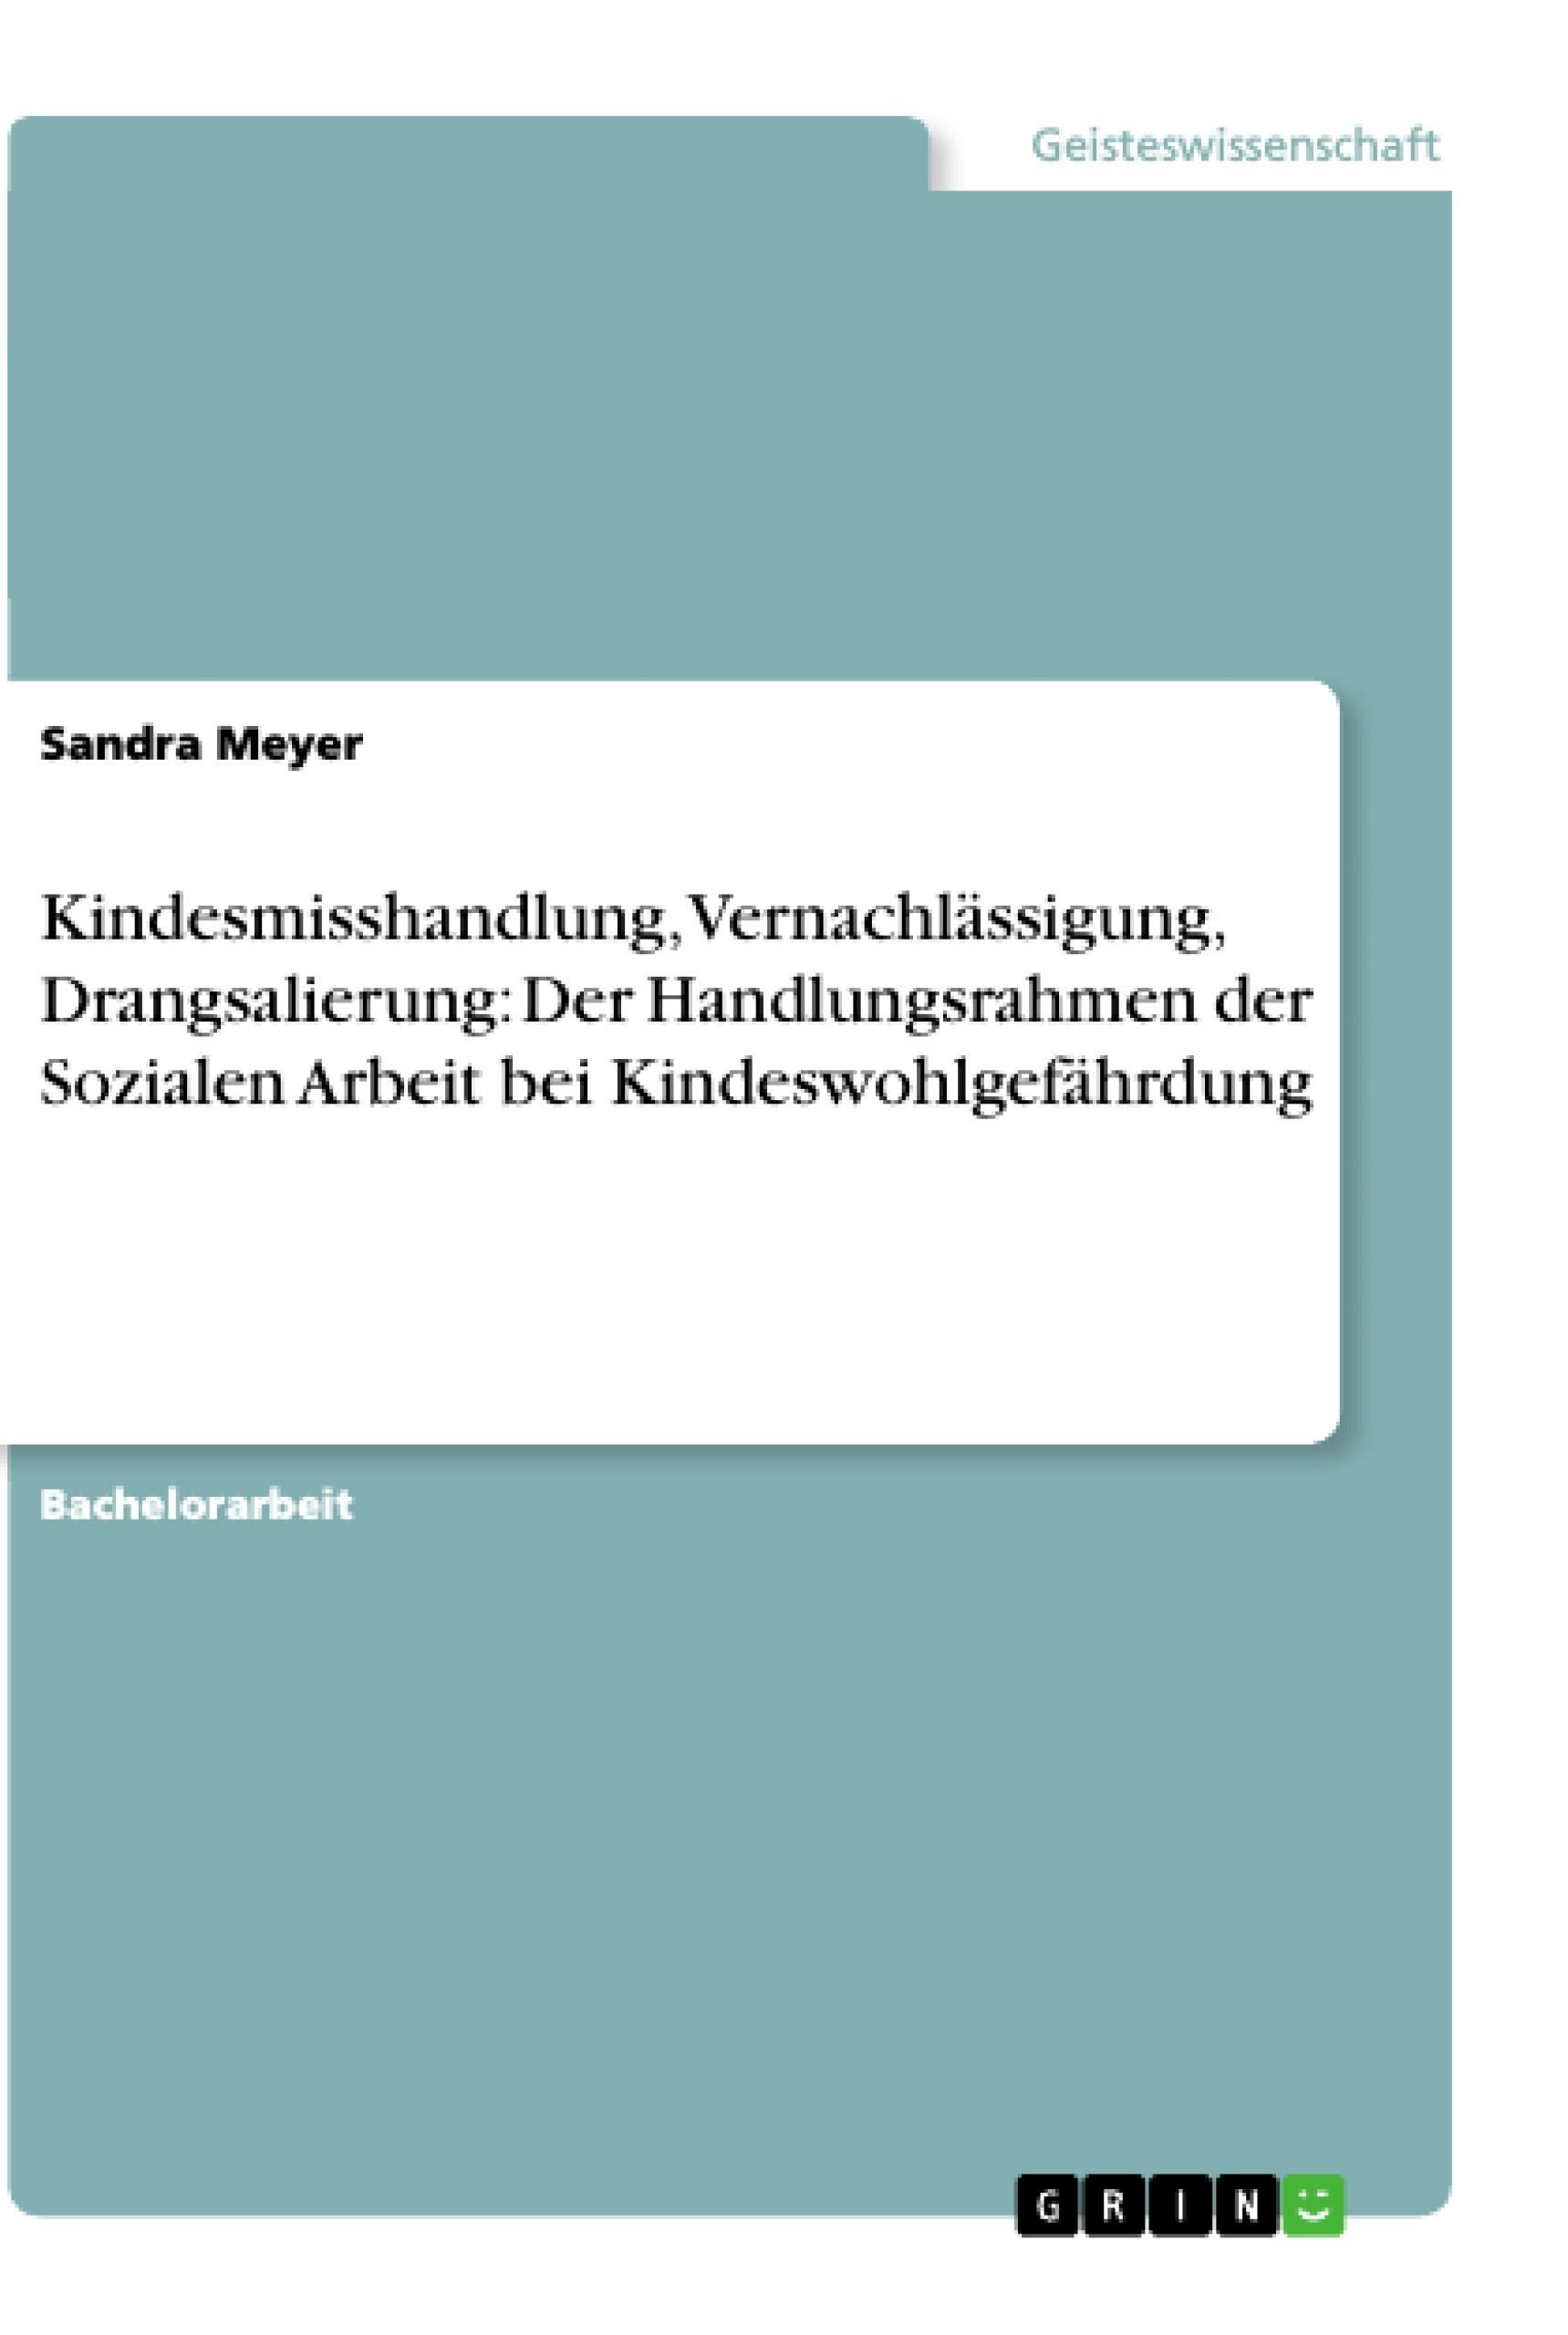 Titel: Kindesmisshandlung, Vernachlässigung, Drangsalierung: Der Handlungsrahmen der Sozialen Arbeit bei Kindeswohlgefährdung